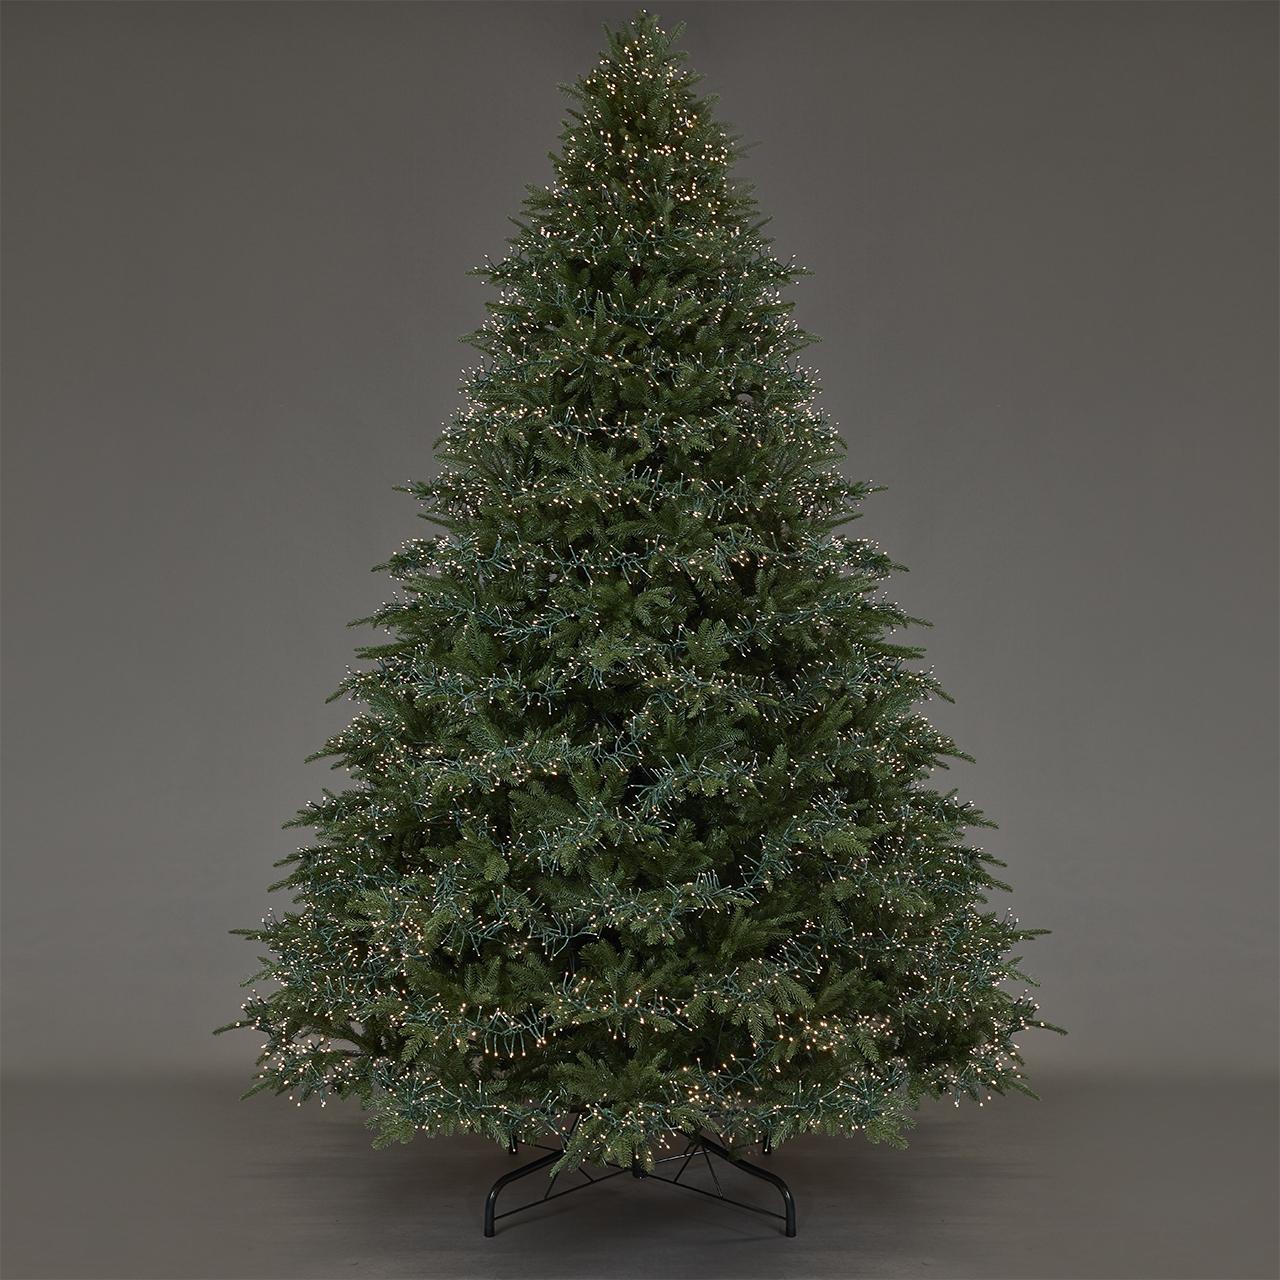 Albero Di Natale.Albero Di Natale Spark Con Luci Led Integrate Consegna In 24h